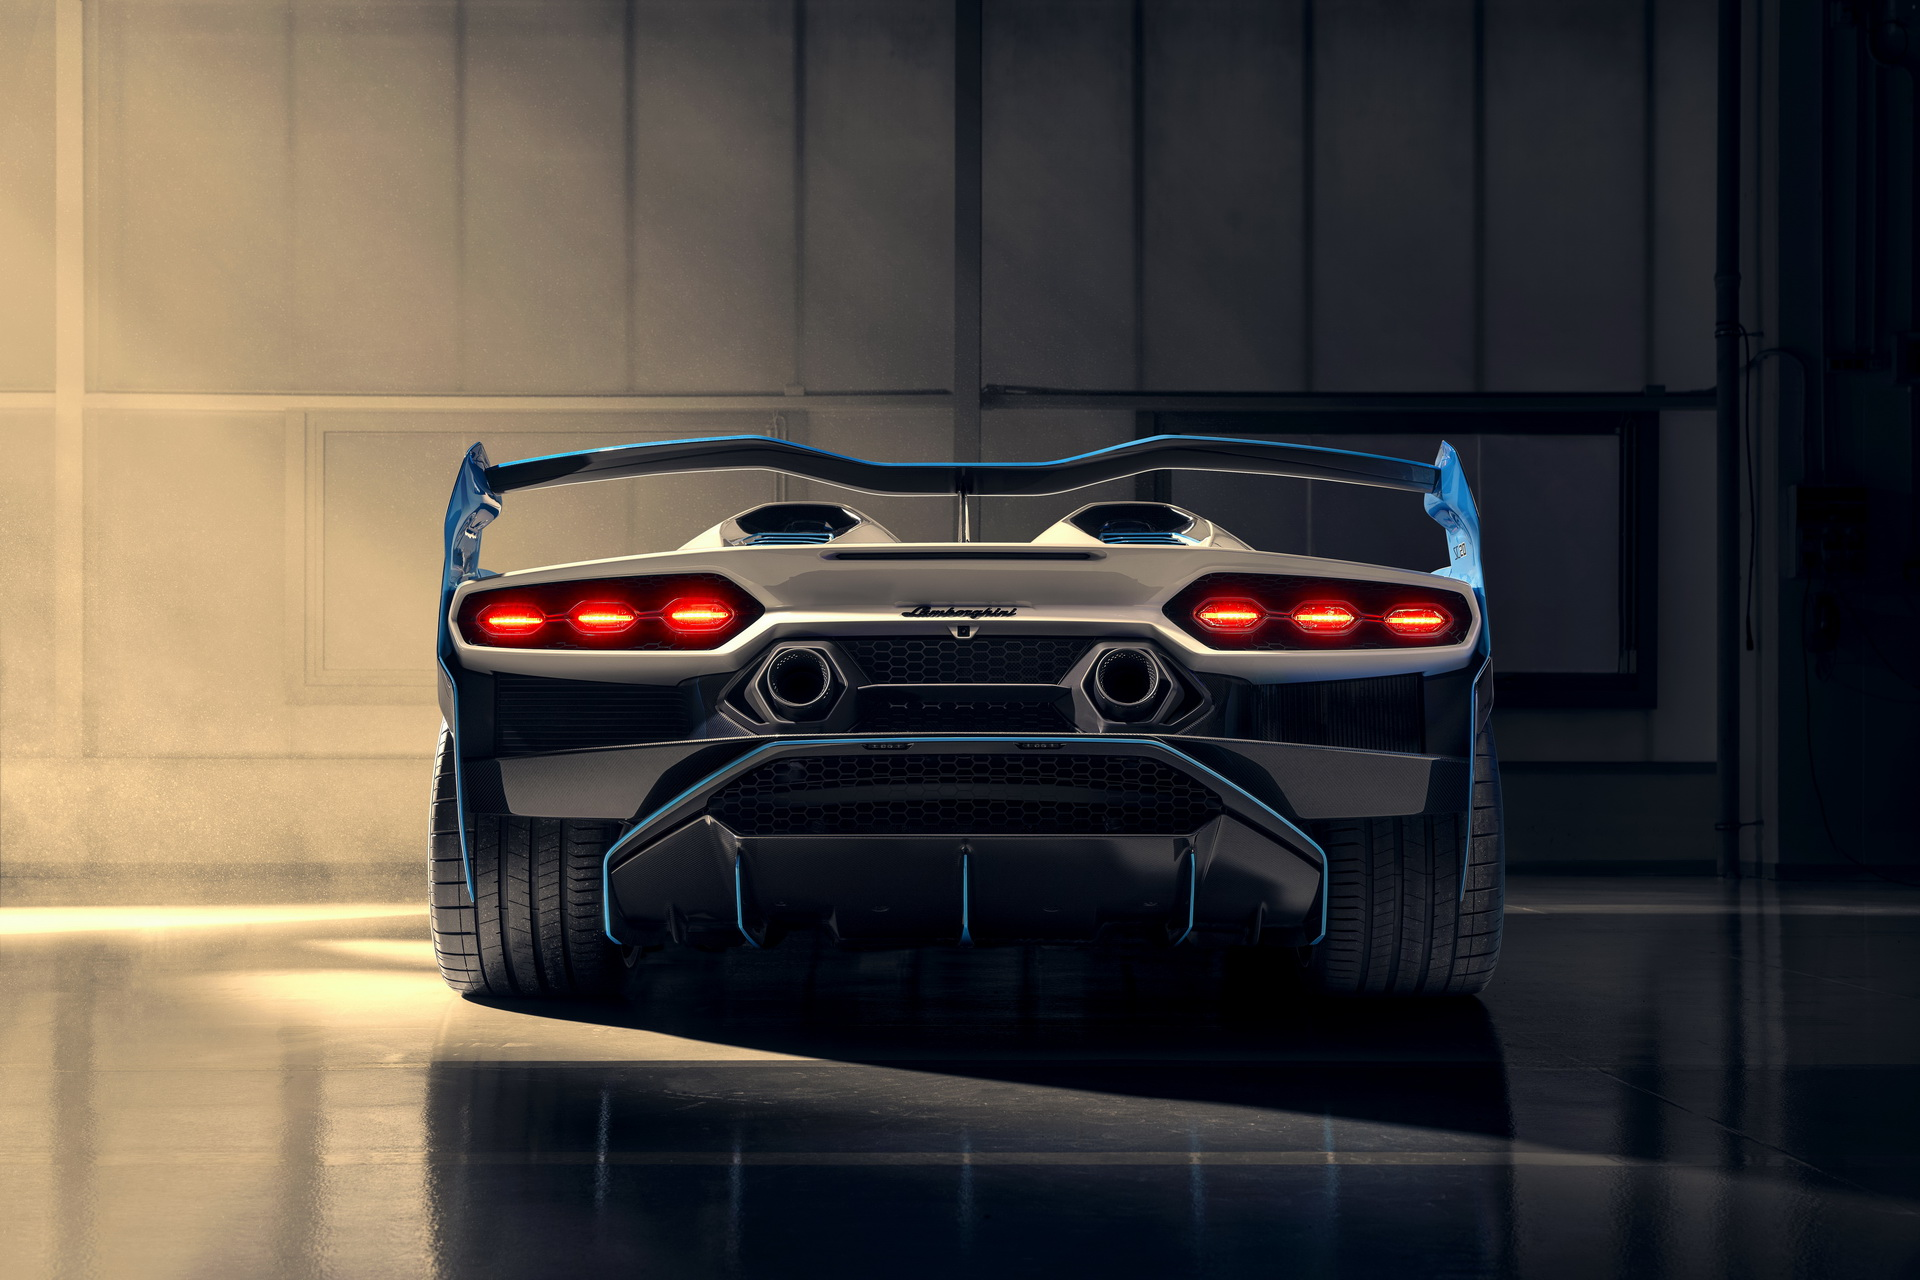 Đuôi xe Lamborghini SC20